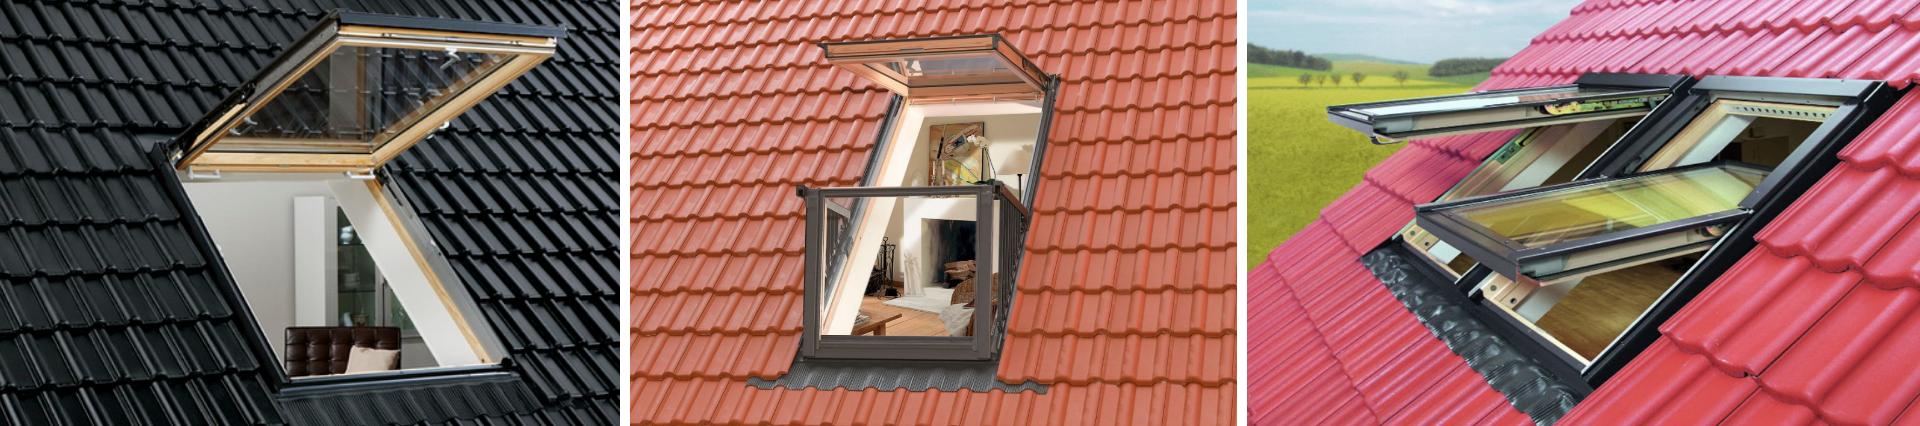 Мансардні вікна на покрівлі